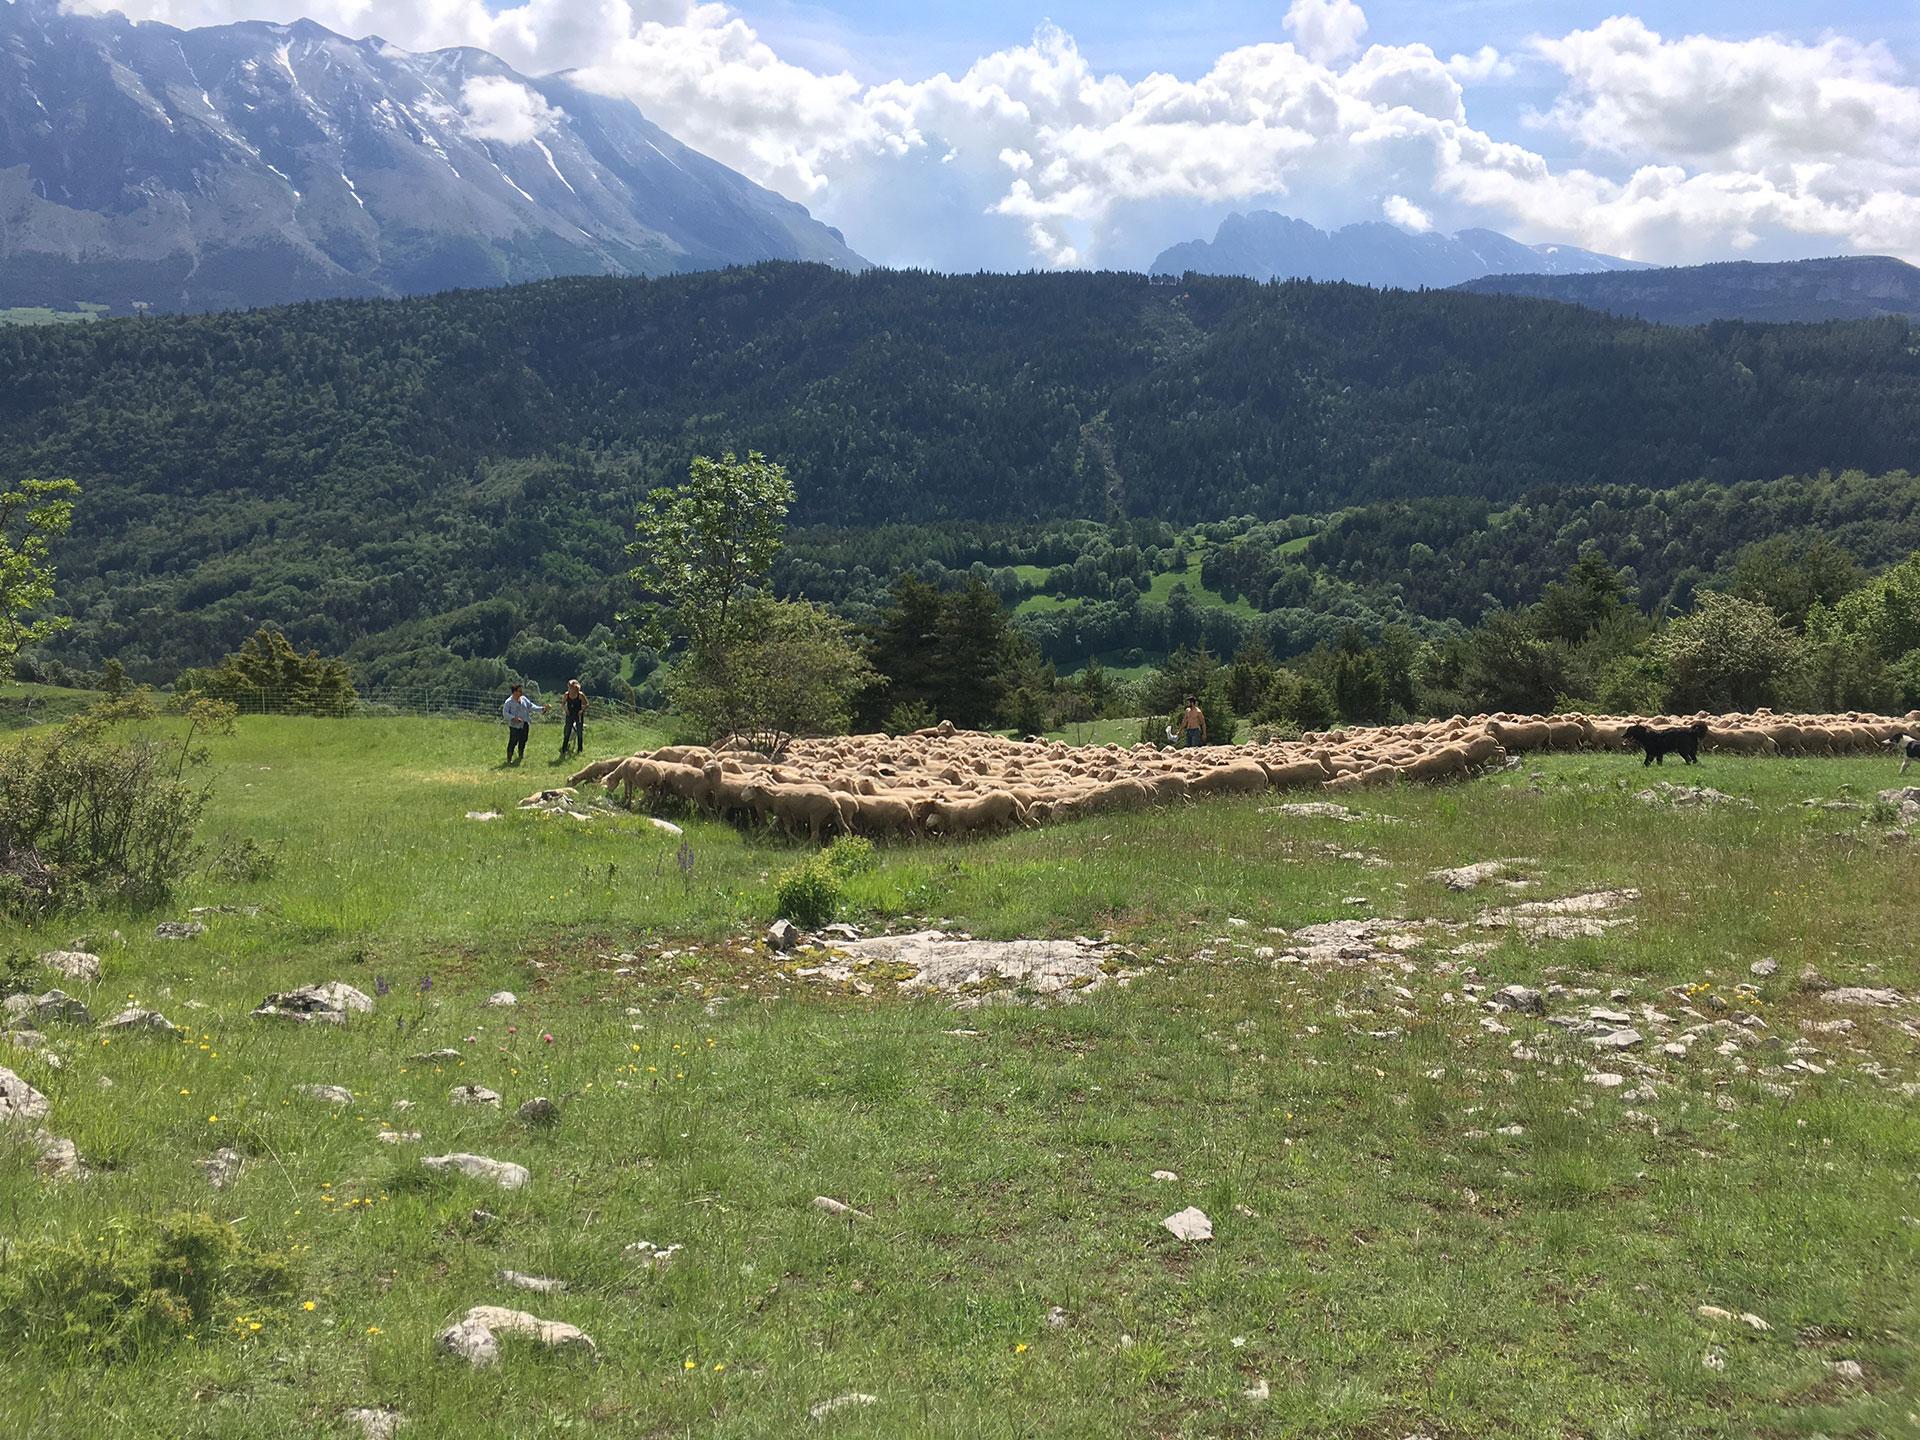 Vie des bergers dans les montagnes